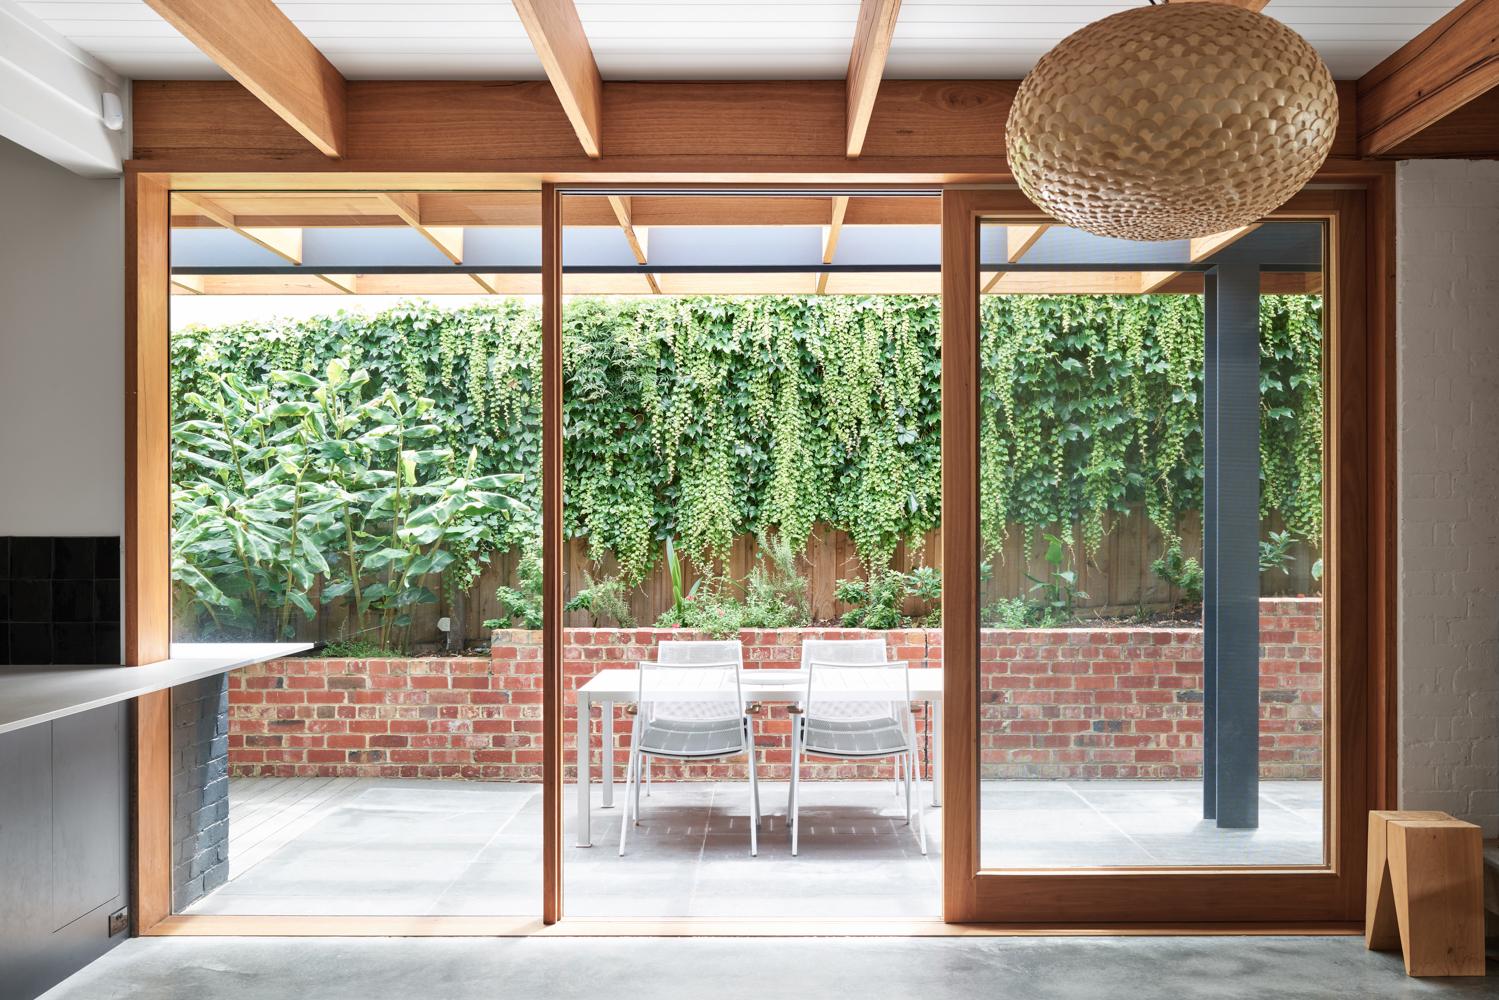 glen-iris-pleysier-perkins-architecture-the-design-emotive-07.jpg